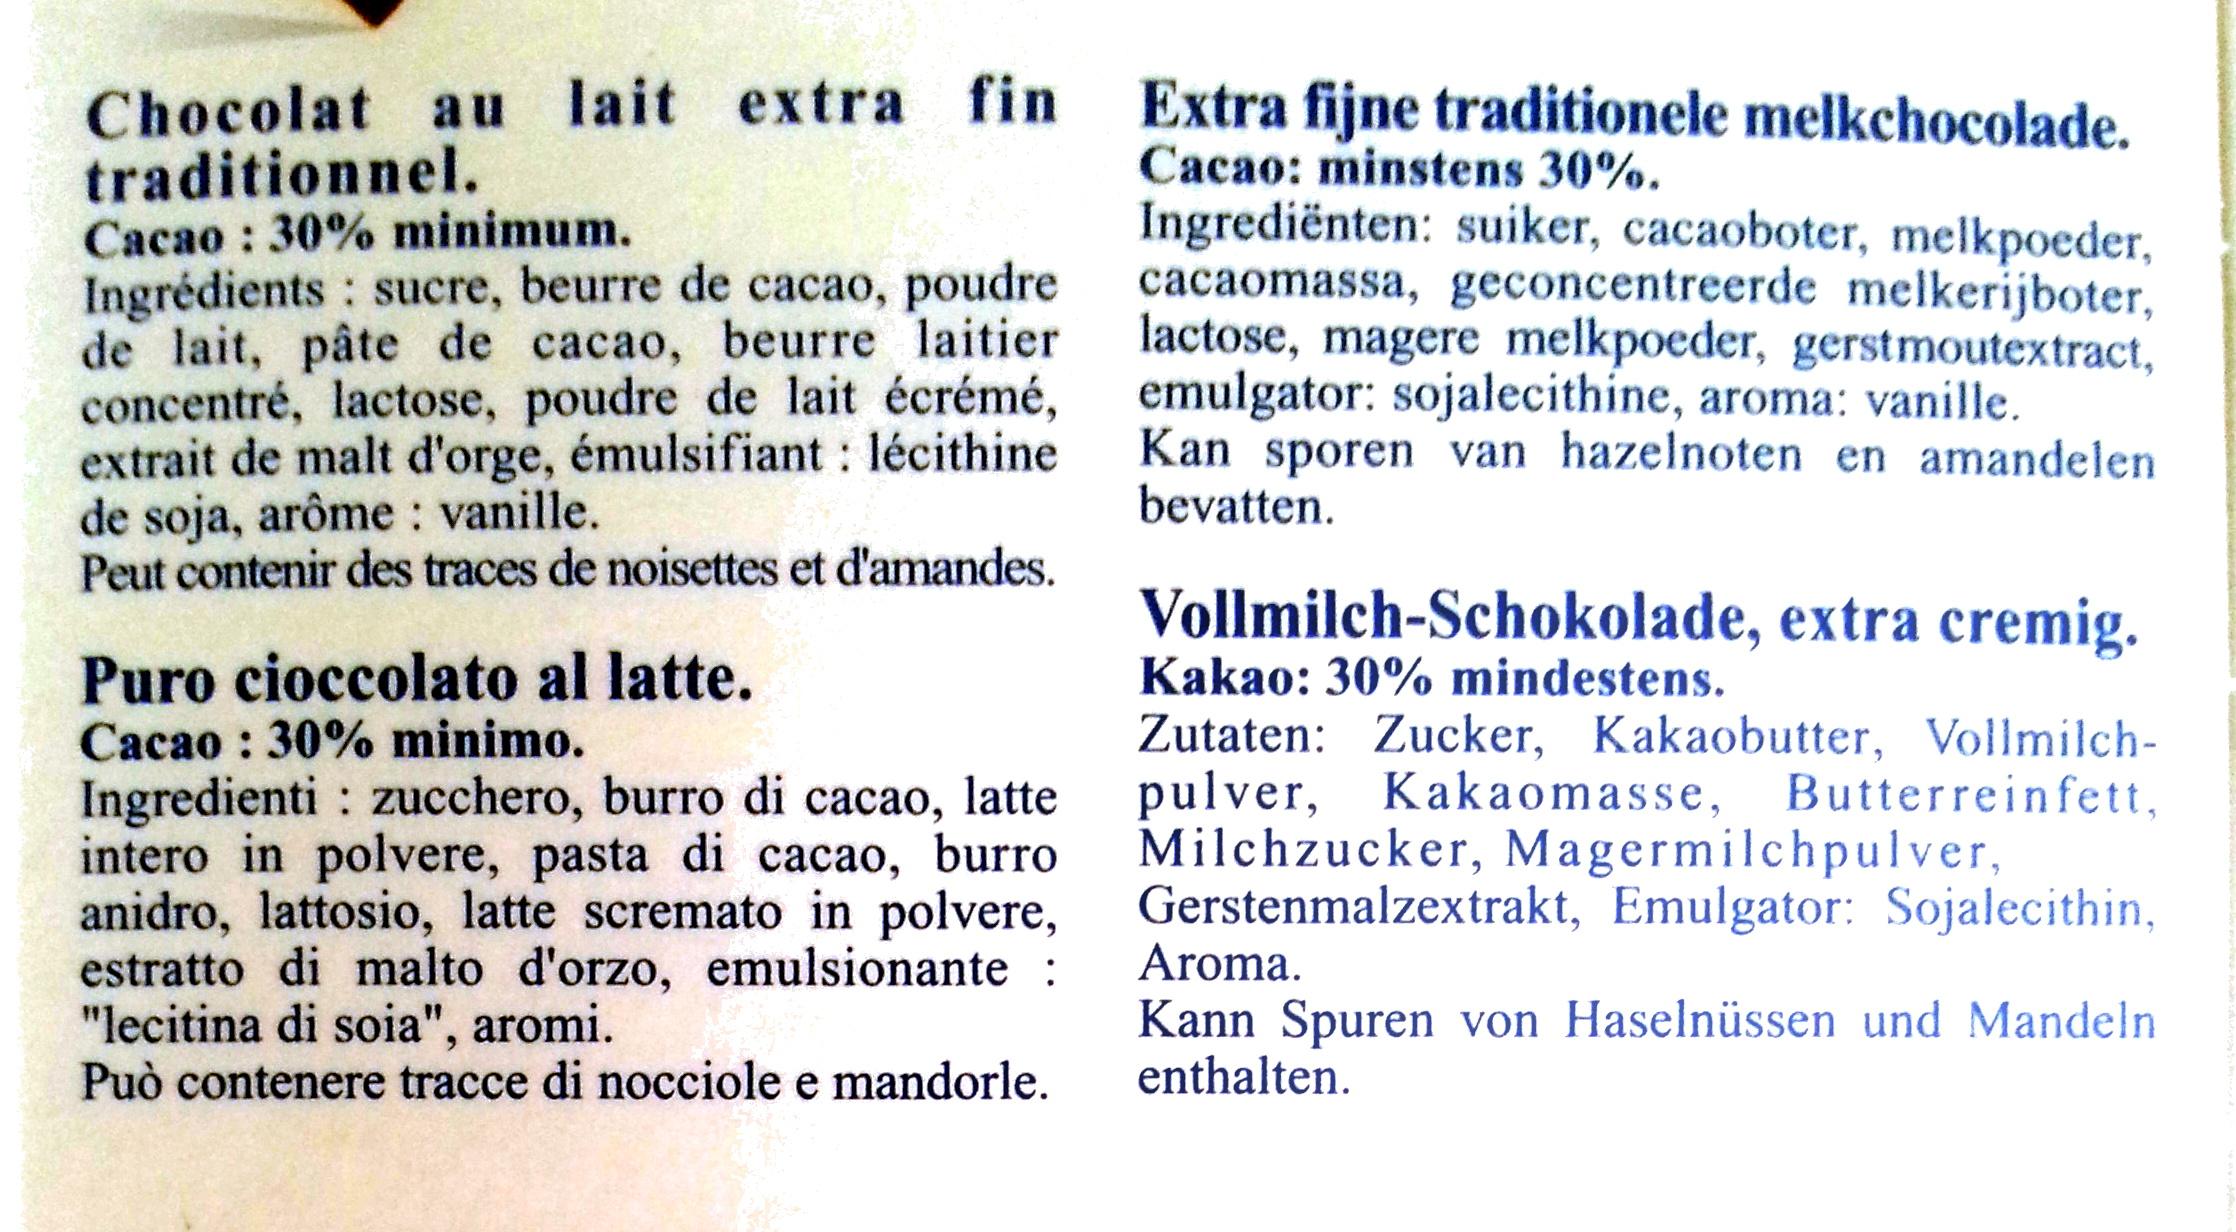 Lindt Excellence Extra Fondant Lait - Ingrédients